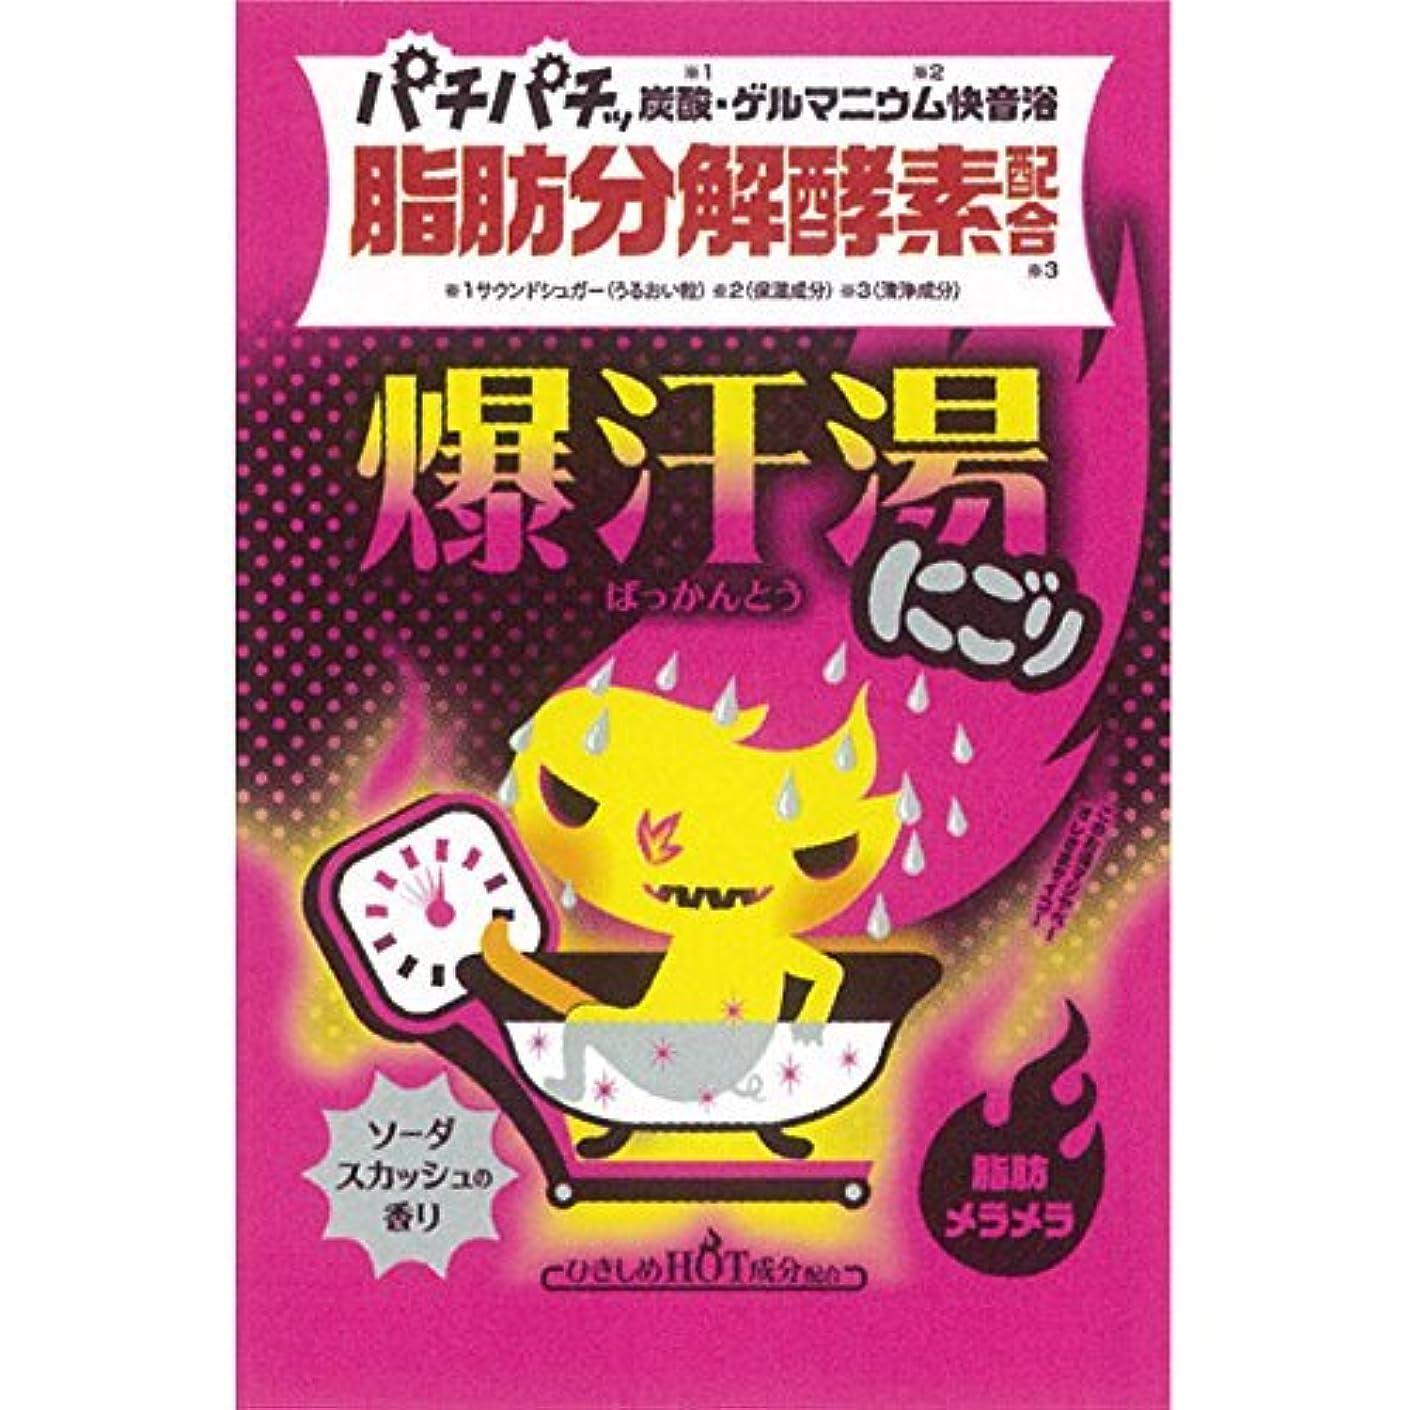 九時四十五分マリナーバリア爆汗湯 ゲルマニウム快音浴 にごり ソーダスカッシュの香り(入浴剤)